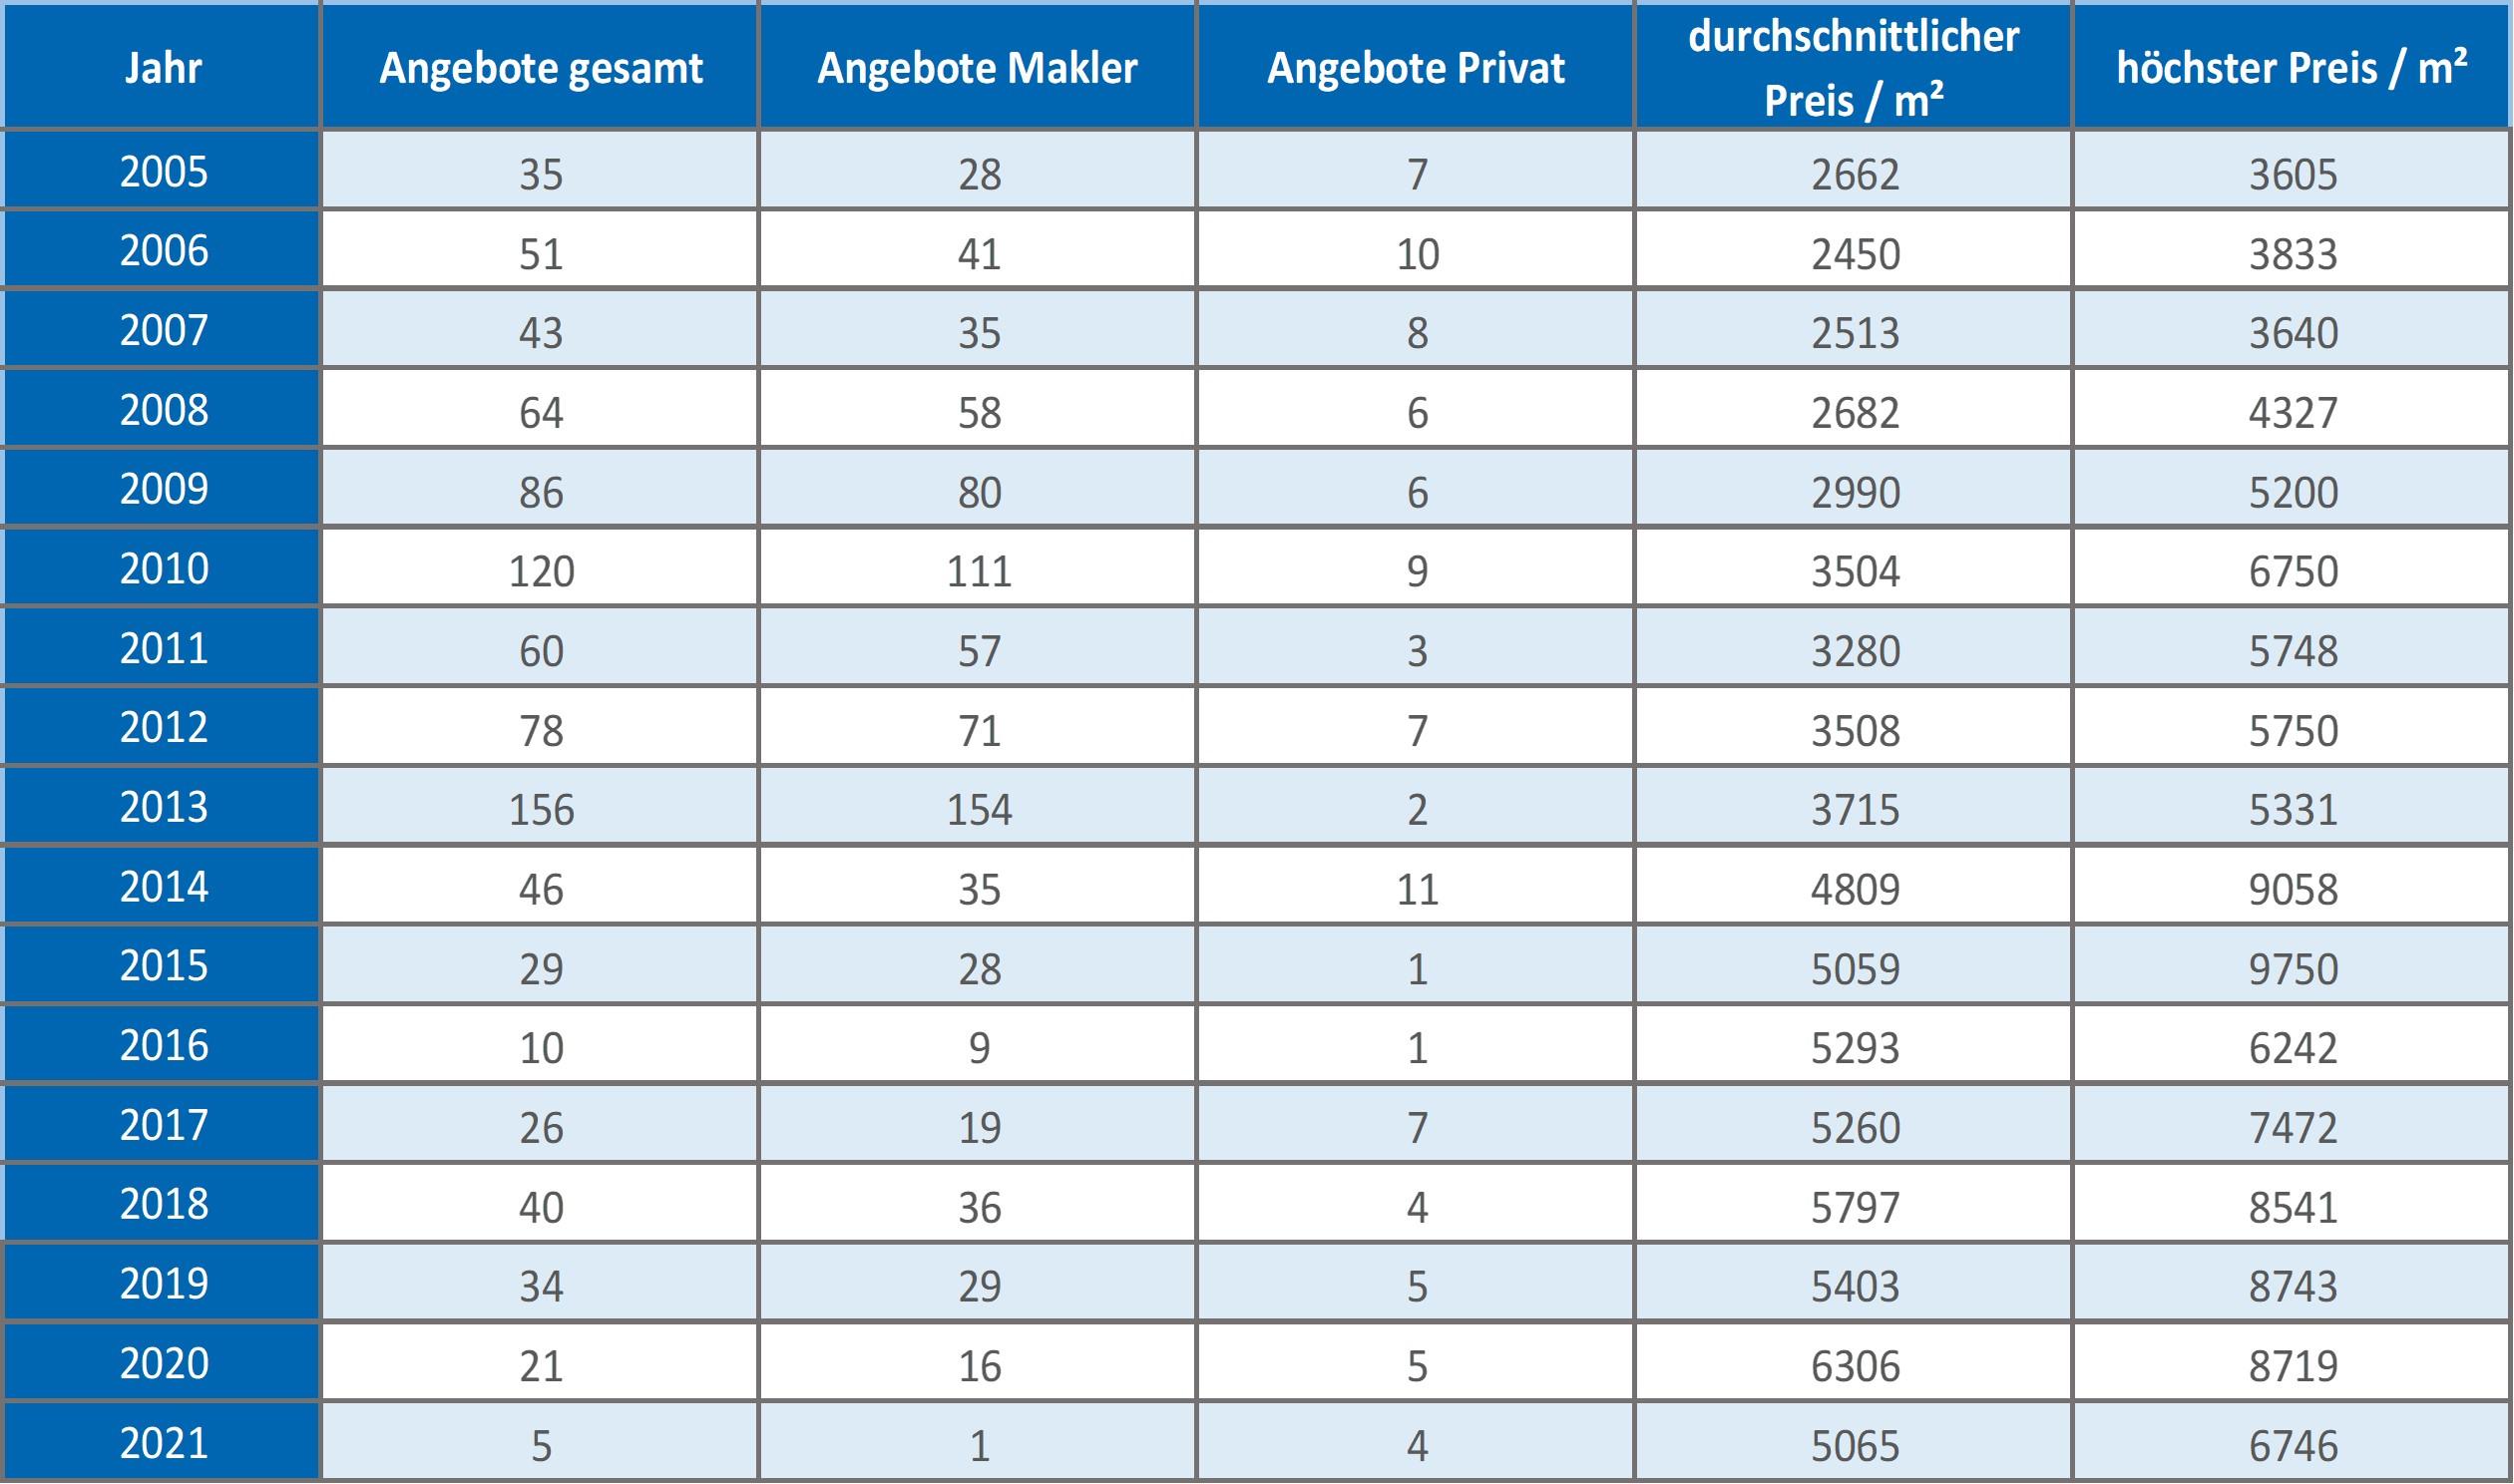 Aschheim-Haus-kaufen-verkaufen-Makler 2019, 2020, 2021